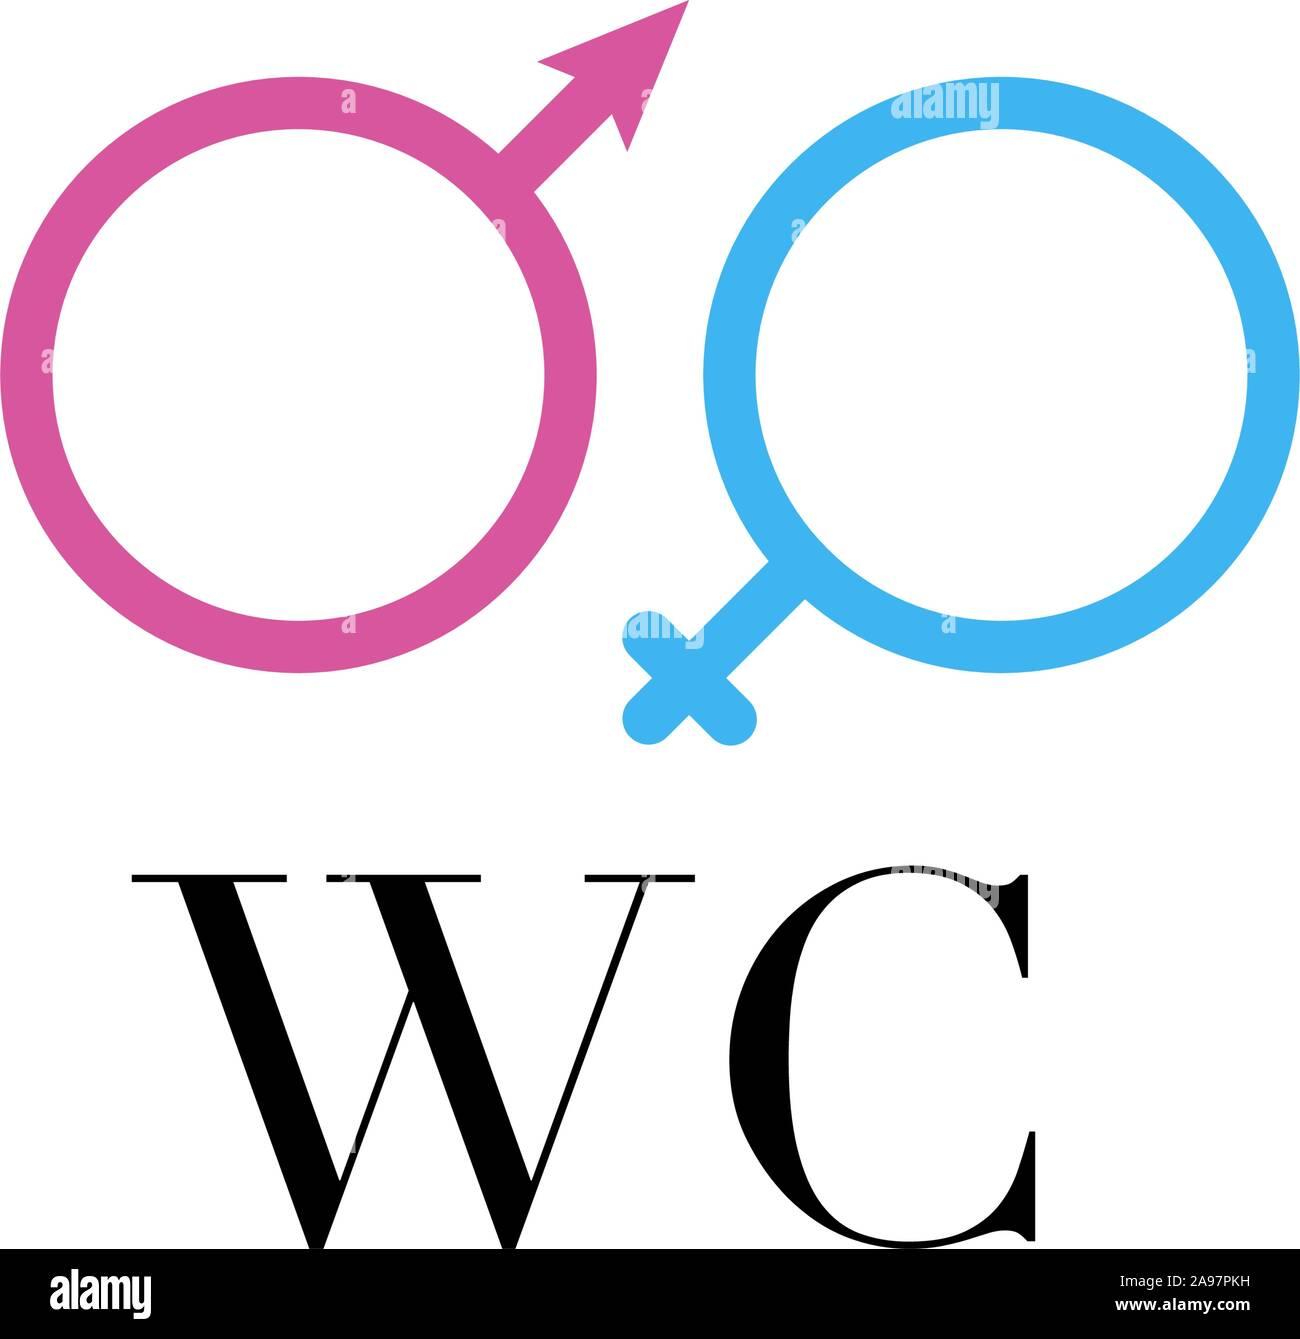 Toilettes signer vector illustration. Design plat, simplement pour logo, objets et icônes. De bain pour hommes, femmes, mesdames, messieurs. Illustration de Vecteur